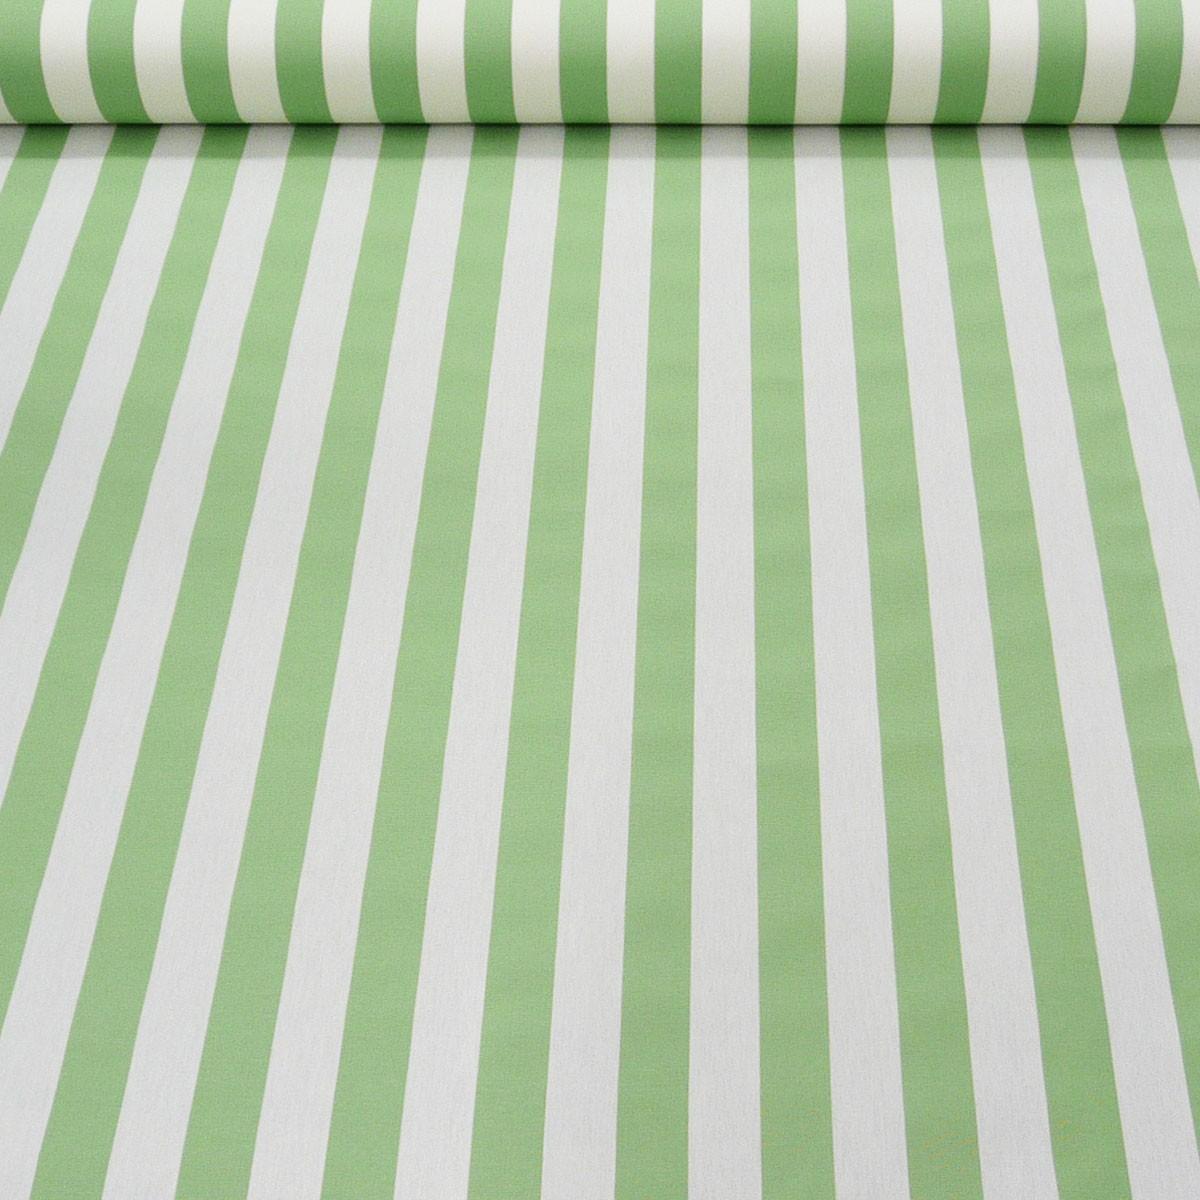 outdoor markisenstoff gartenm belstoff toldo streifen gr n wei alle stoffe stoffe gemustert. Black Bedroom Furniture Sets. Home Design Ideas